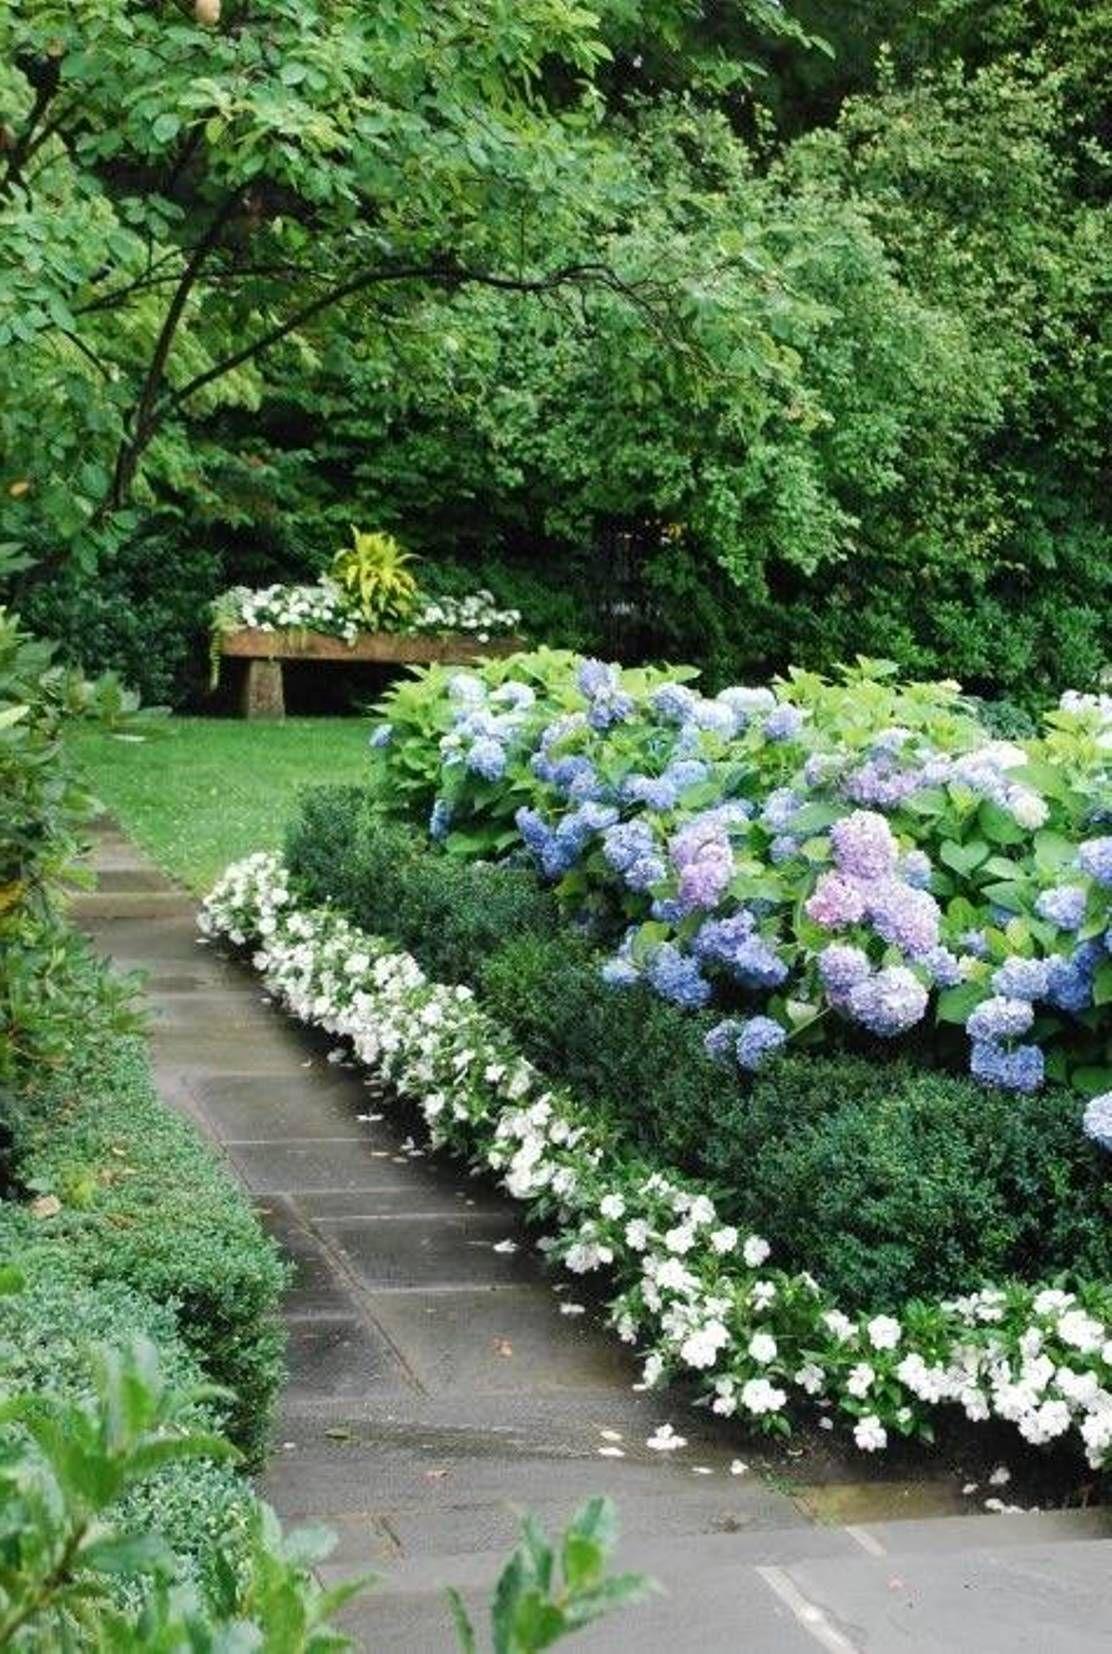 Beautiful Flower Garden | Gardening Page 3: Ideas for Terrace Garden, Keeping Deer Out Of Garden ...